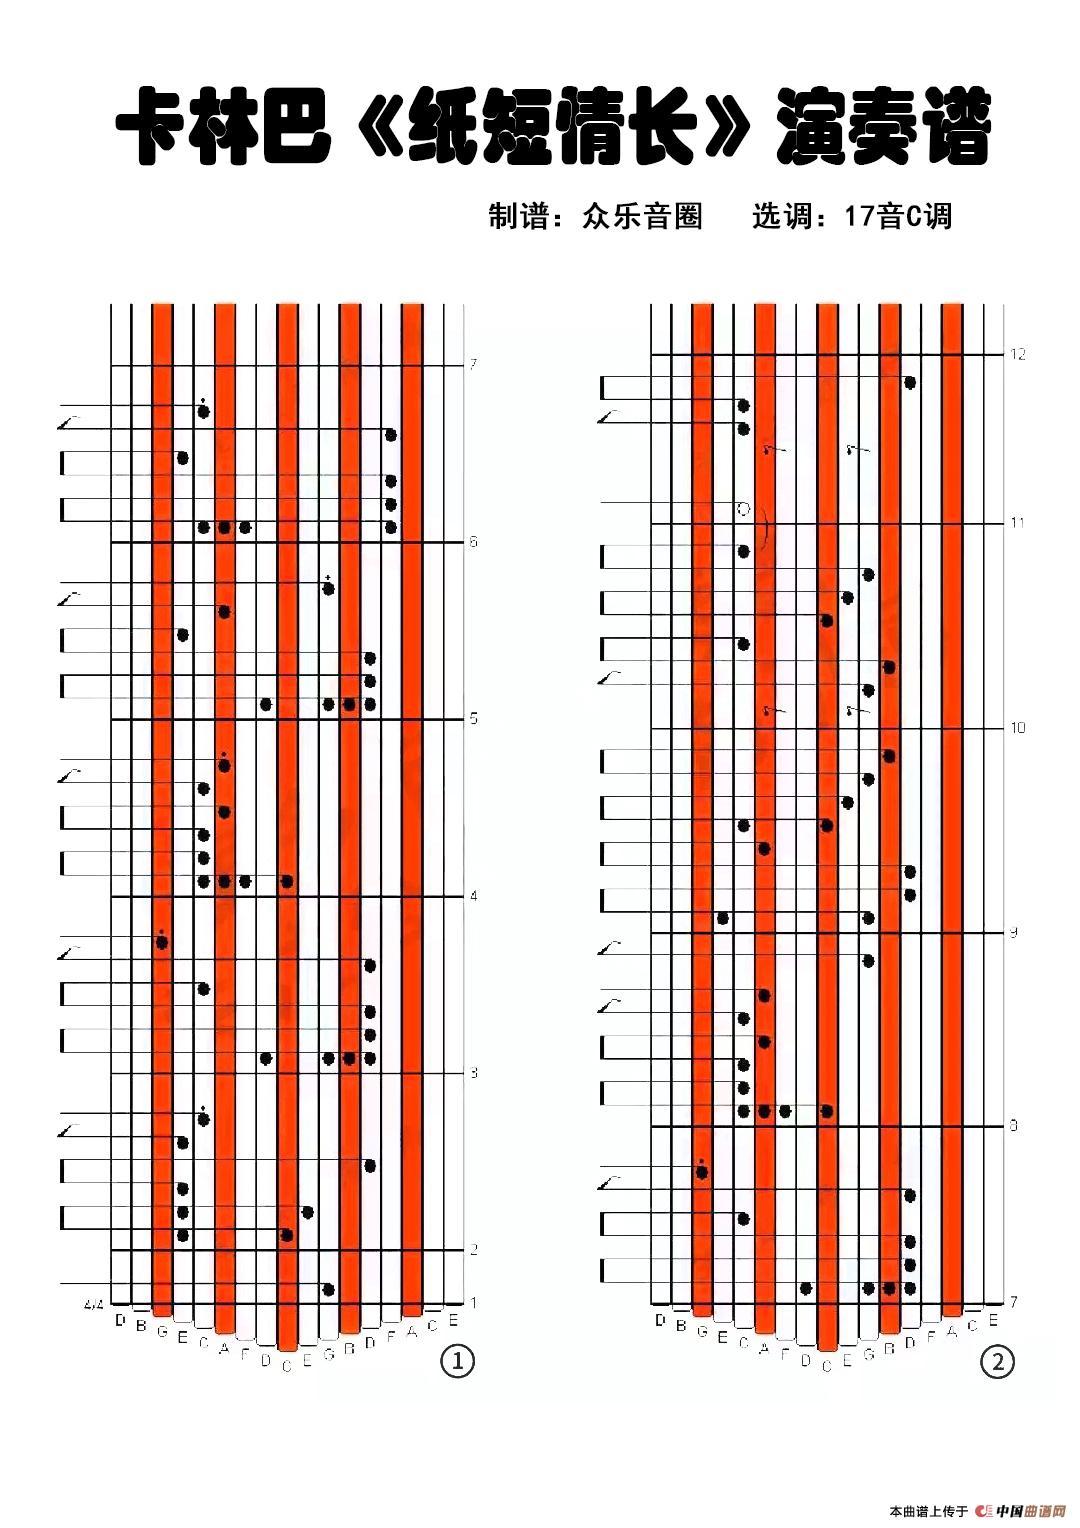 纸短情长(拇指琴卡林巴琴演奏谱)图片